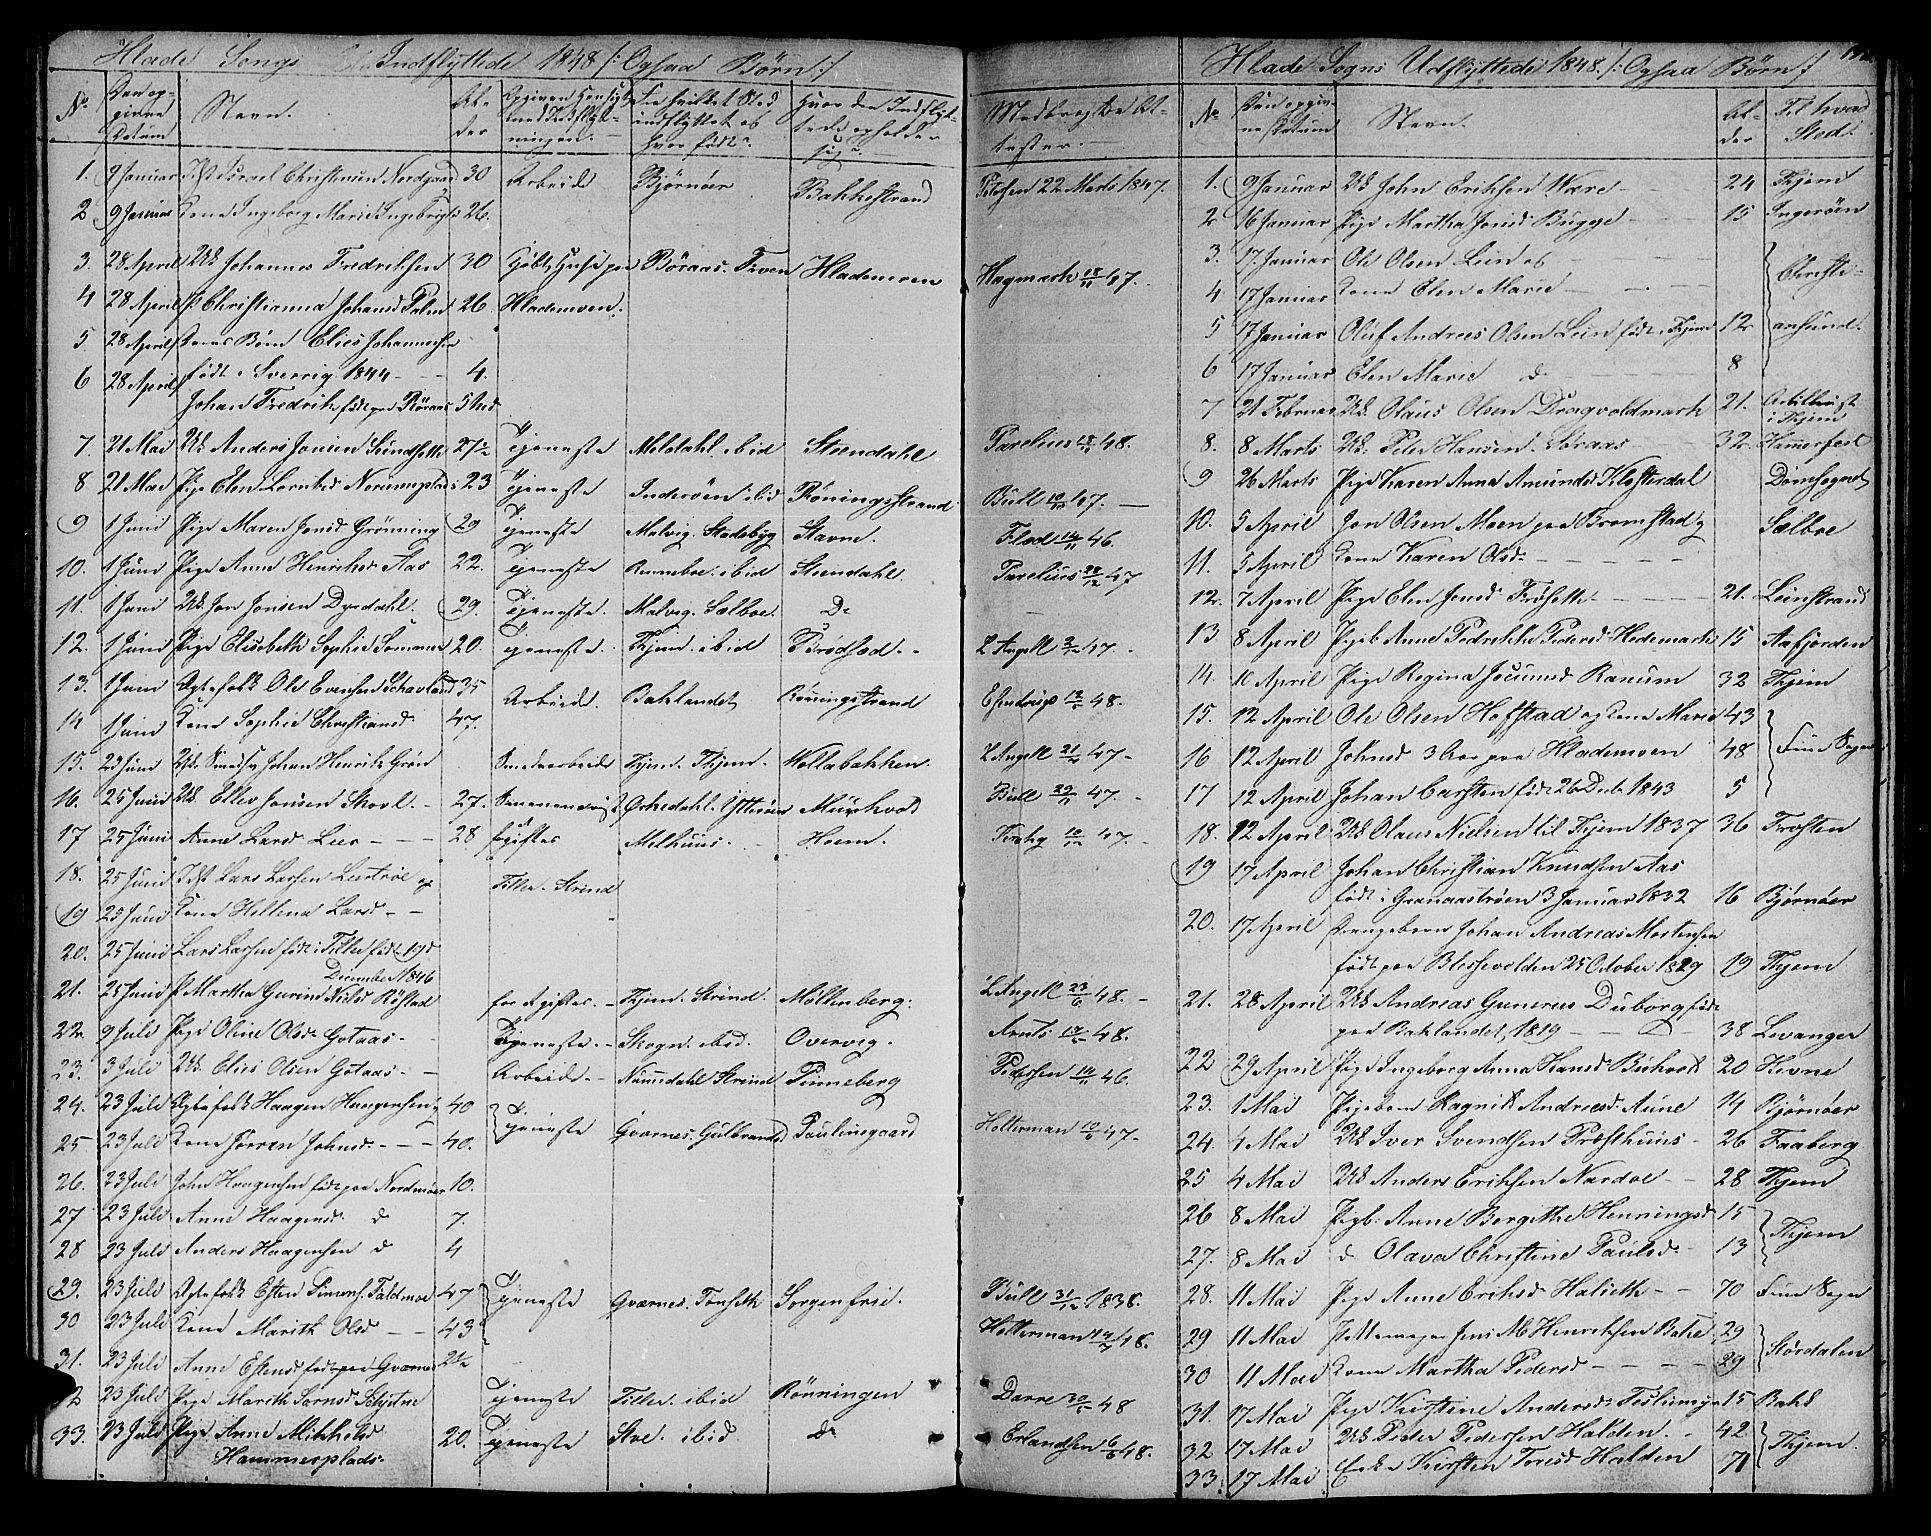 SAT, Ministerialprotokoller, klokkerbøker og fødselsregistre - Sør-Trøndelag, 606/L0309: Klokkerbok nr. 606C05, 1841-1849, s. 192